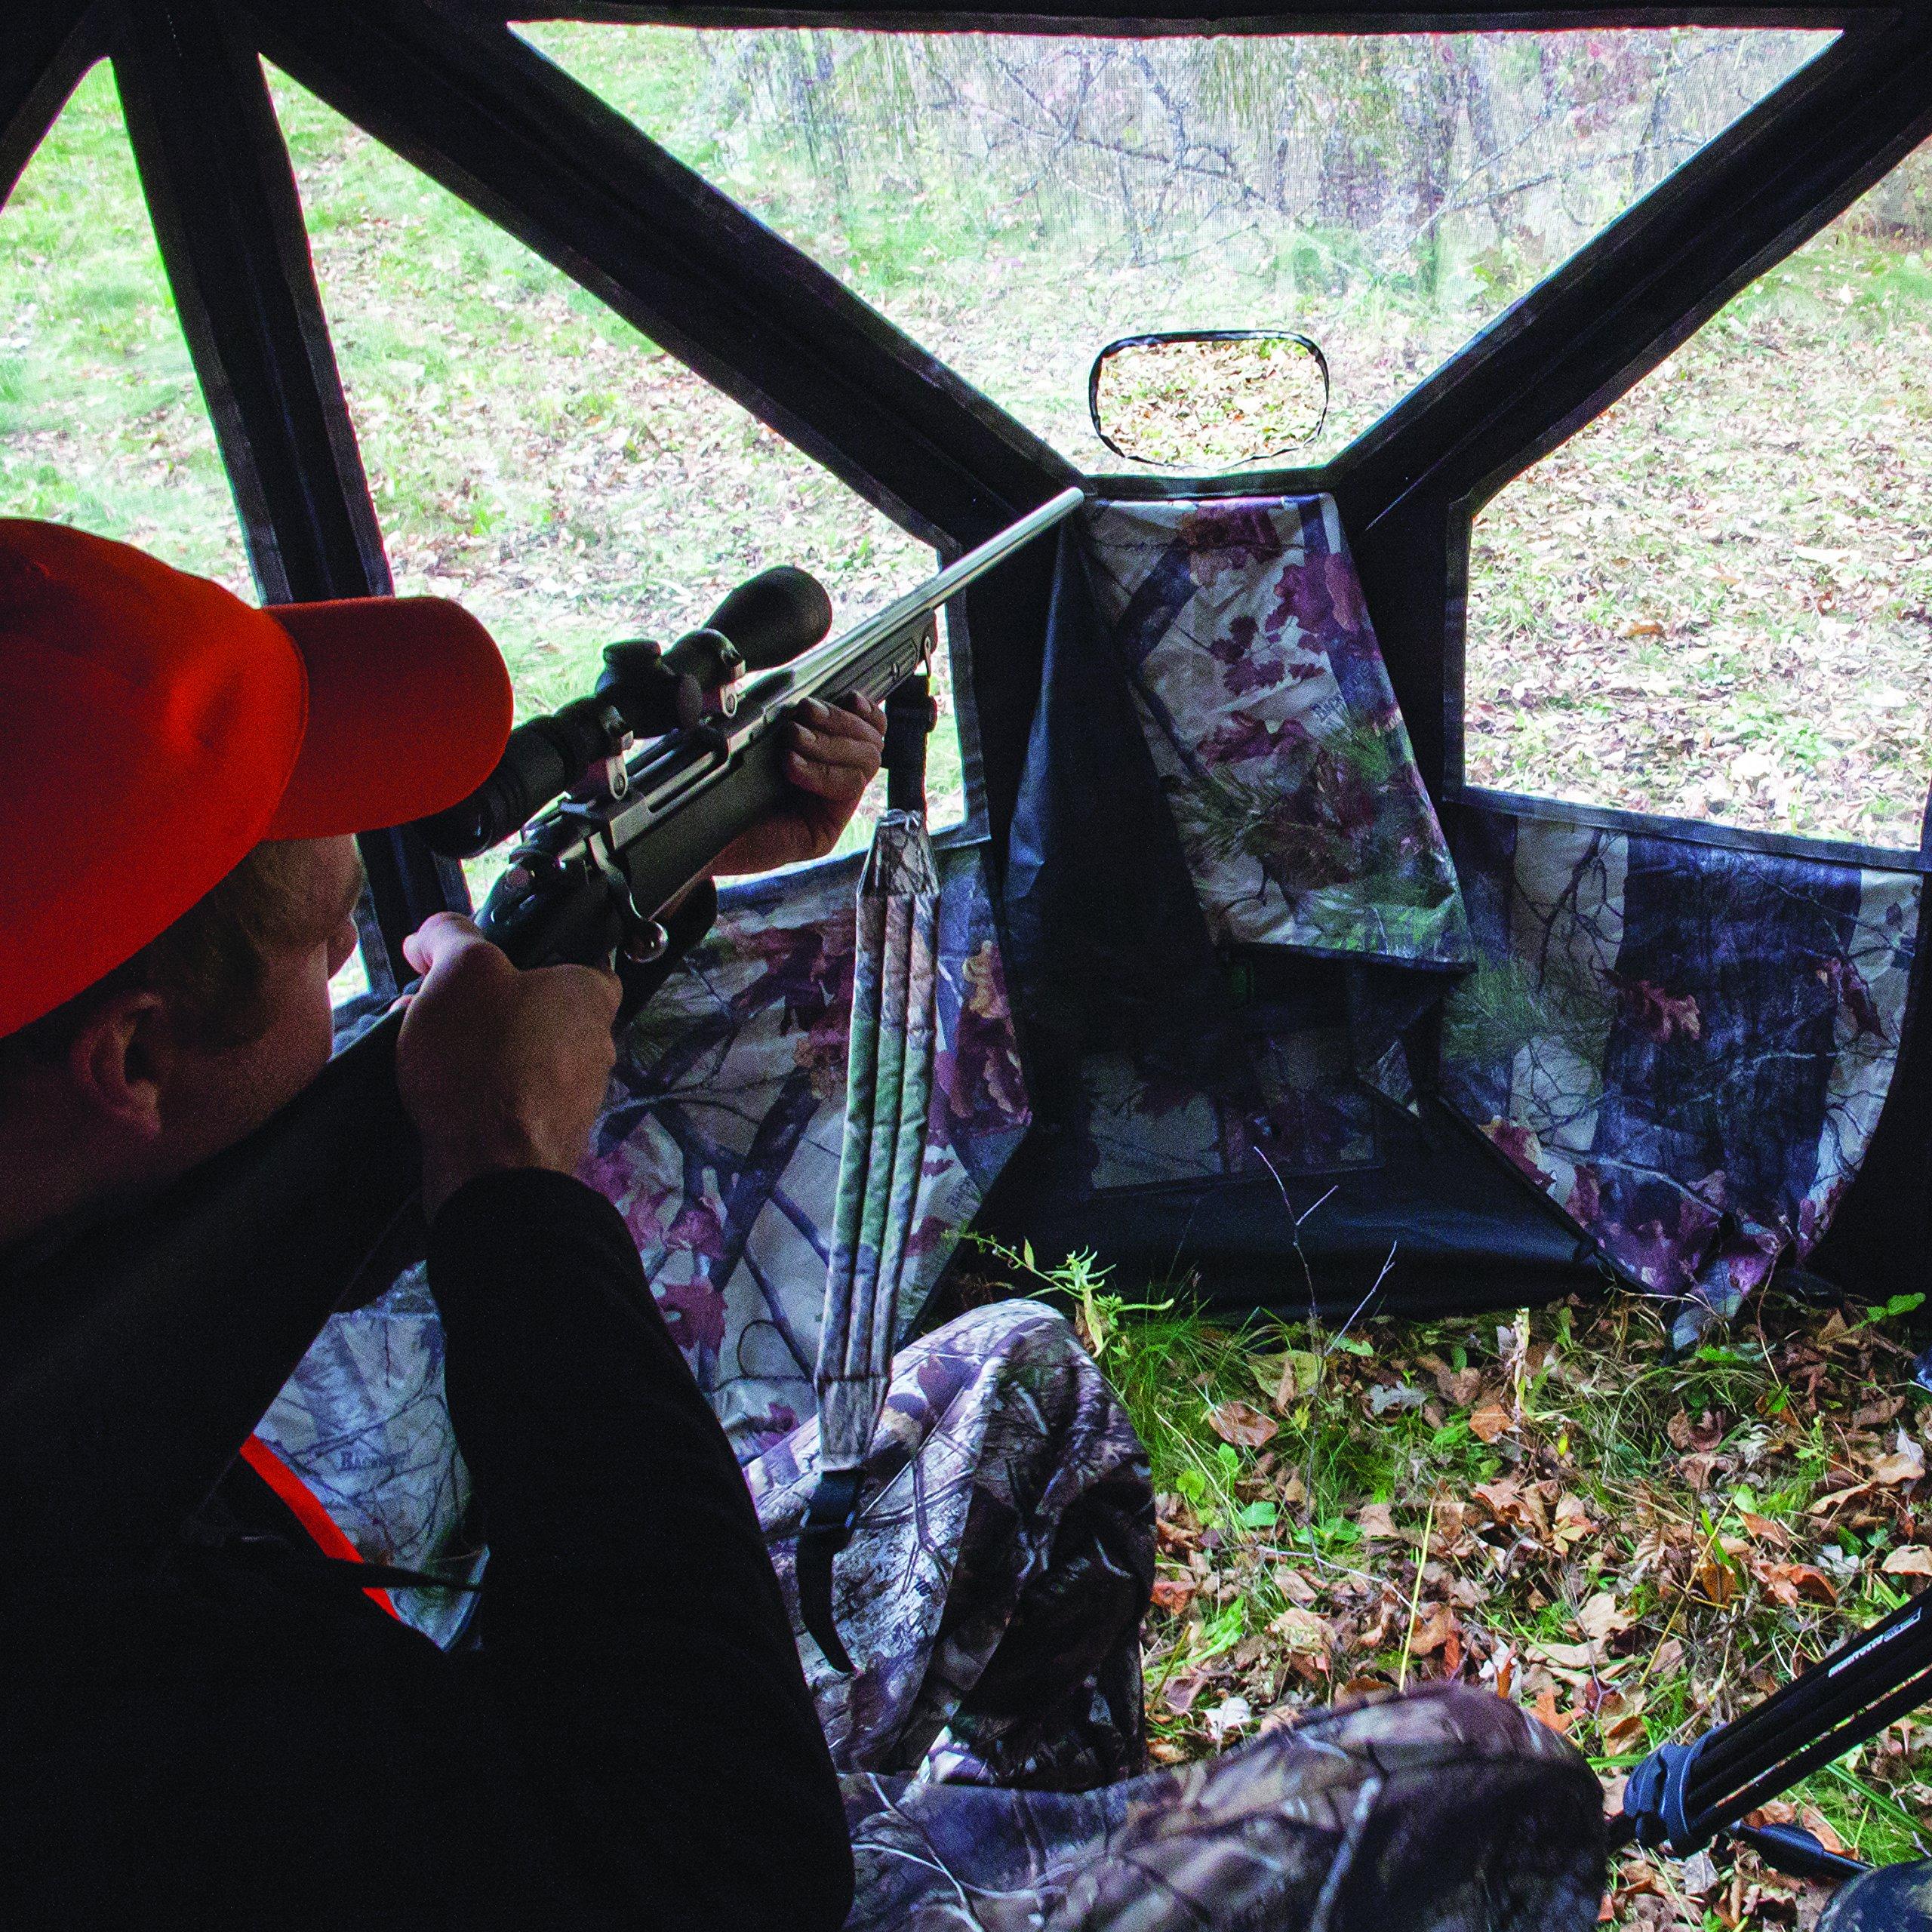 Barronett Blinds PT550BW Pentagon Pop Up Portable Hunting Blind, Bloodtrail Backwoods Camo by Barronett Blinds (Image #7)